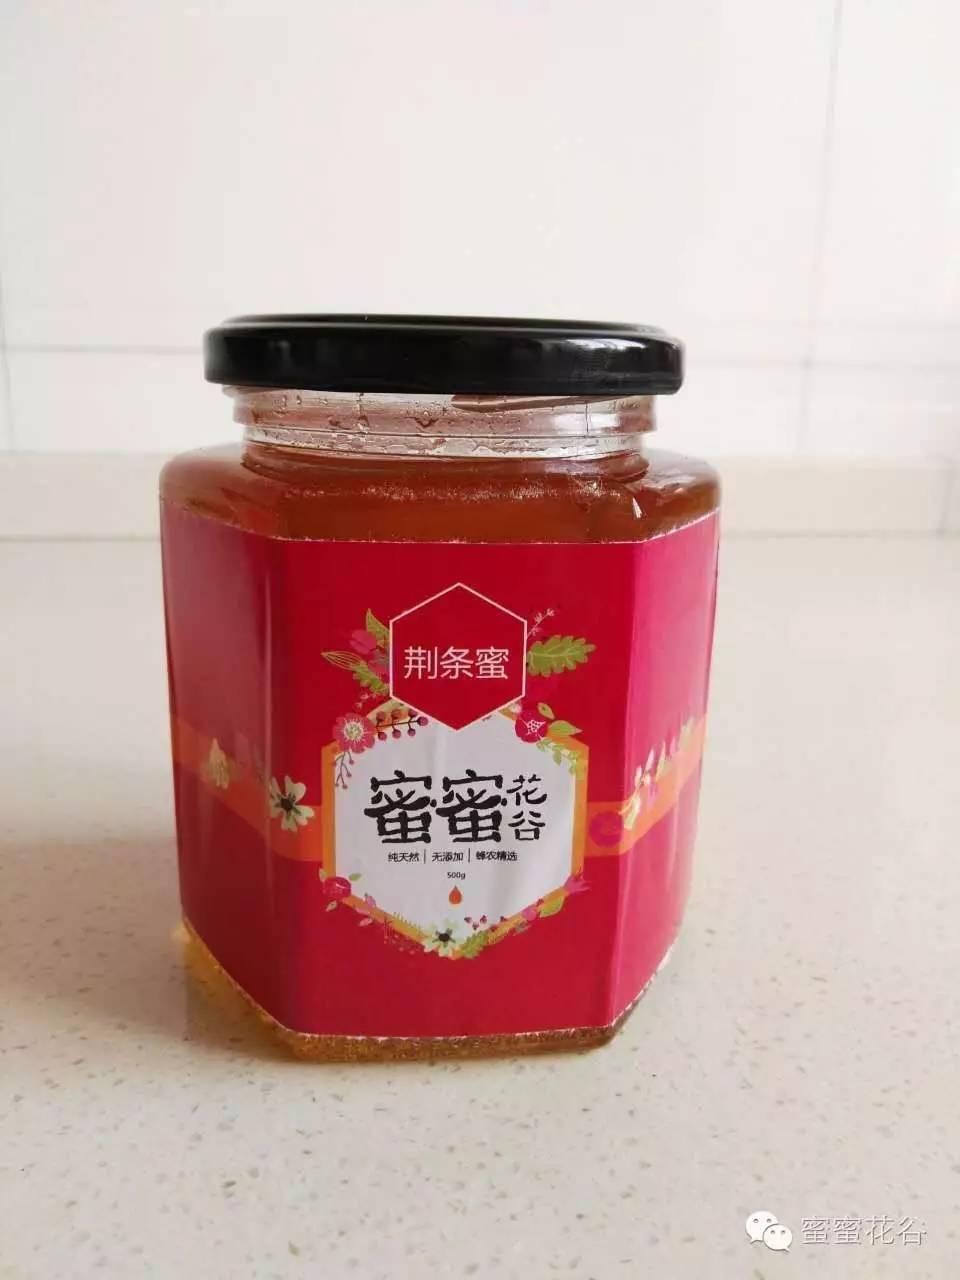 蜂蜜腰果 生姜蜂蜜水 起源 蜂蜜作用 牛奶蜂蜜